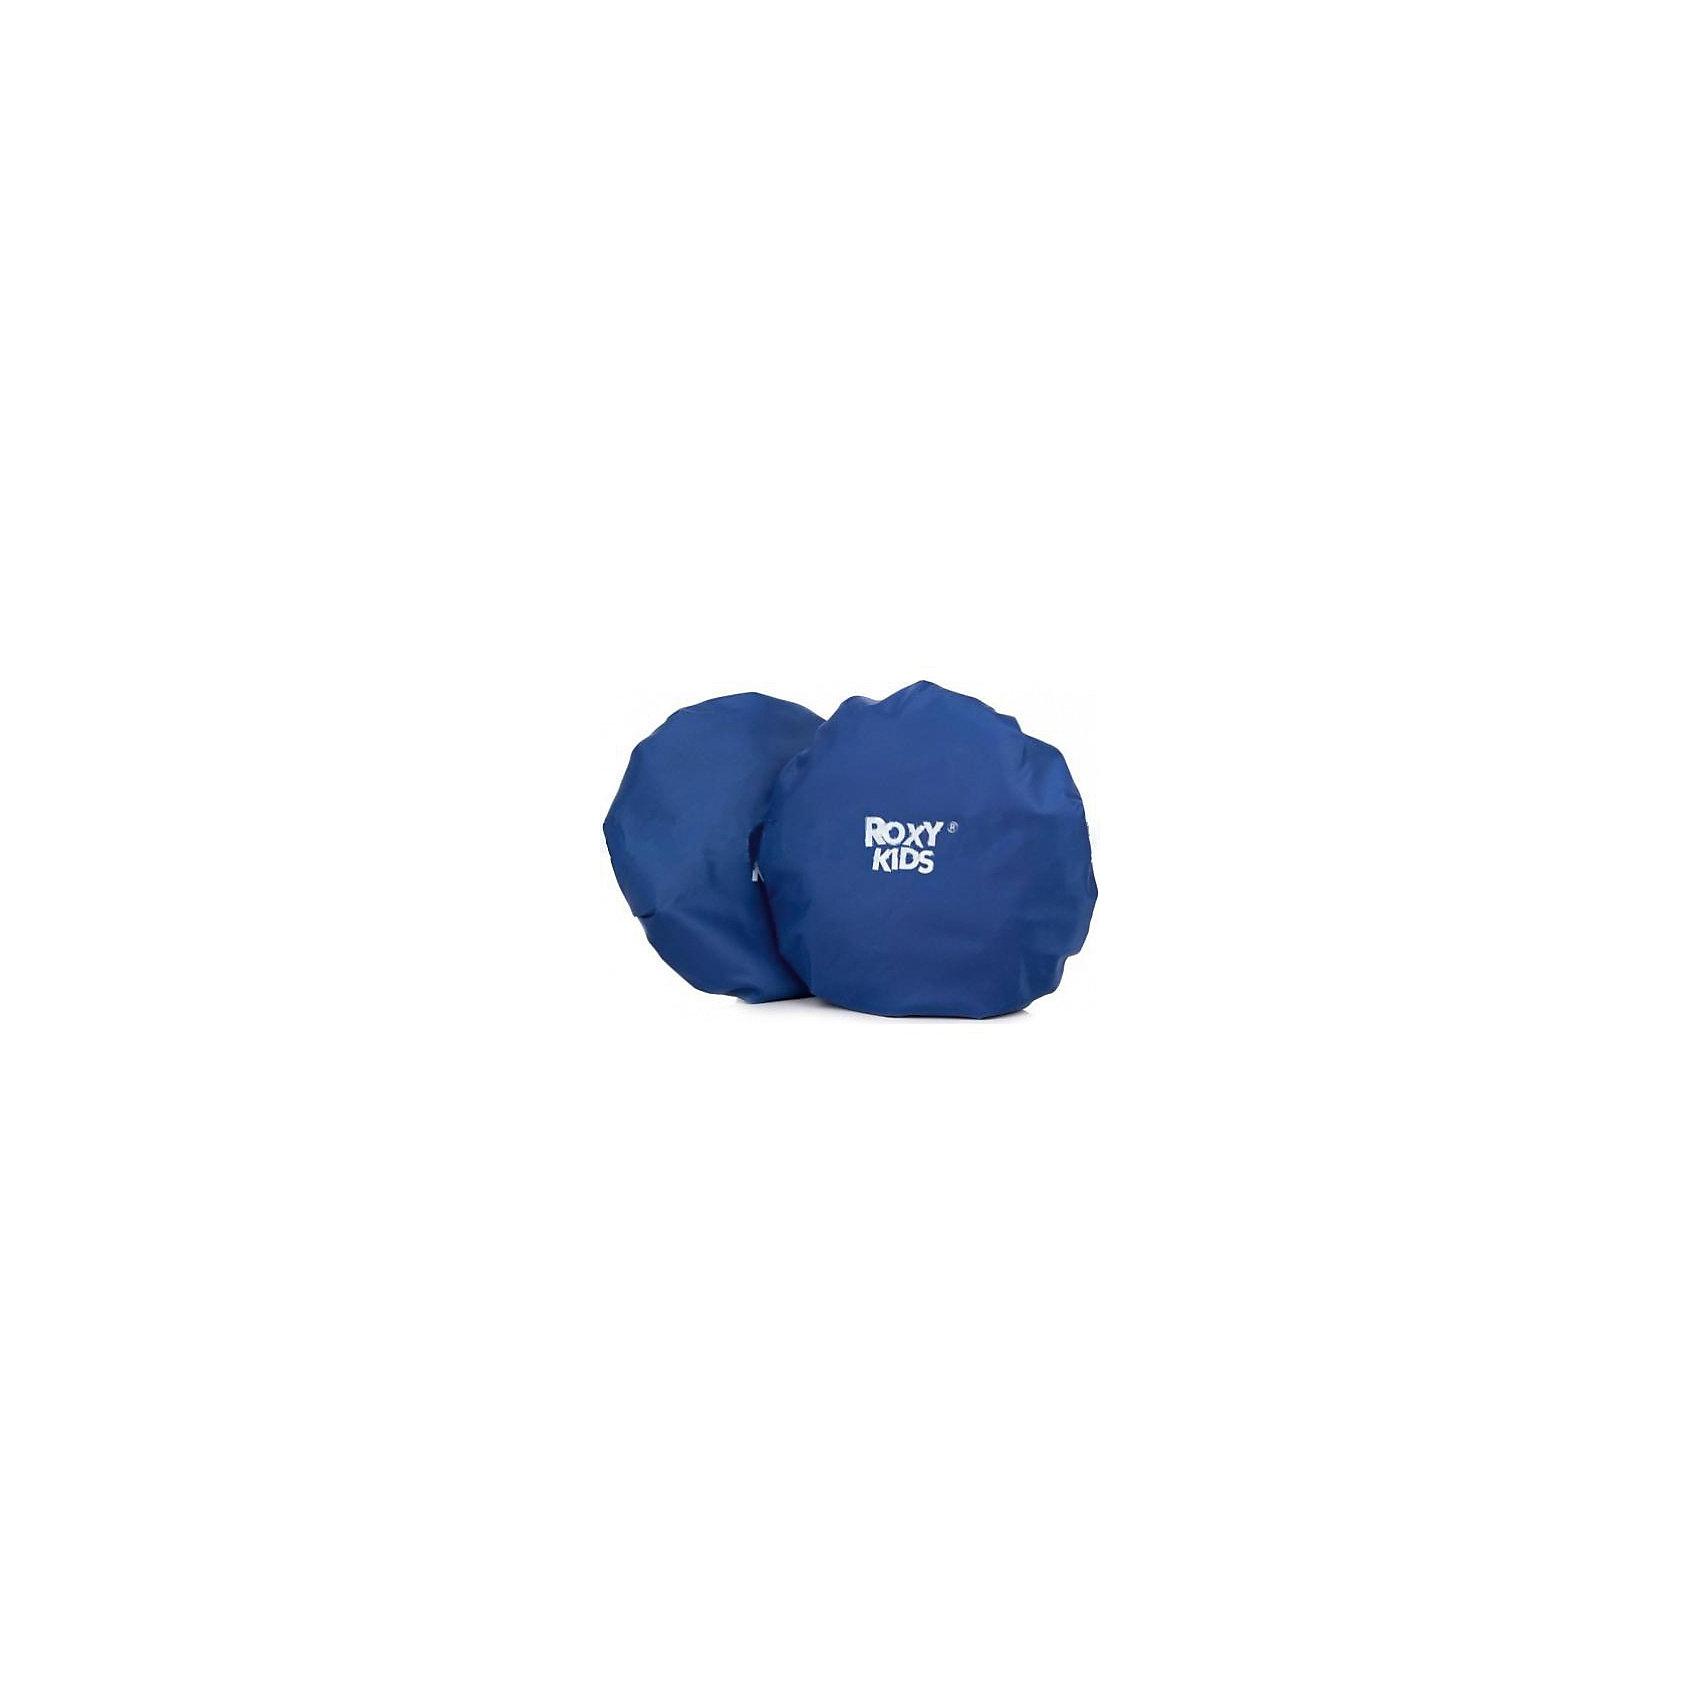 Чехлы на колеса в сумке, Roxy-KidsАксессуары для колясок<br>Характеристики:<br><br>• Предназначение: чехлы на коляску<br>• Цвет: синий<br>• Материал: полиэстер, 100%<br>• Max диаметр колеса: 30 см<br>• Min диаметр колеса: 16 см<br>• Количество в наборе: 4 чехла<br>• Вес: 200 г<br>• Размеры (Д*Ш*В): 20*5*20 см<br><br>Чехлы на колеса в сумке, Roxy-Kids выполнены из полиэстера, обладающего водо и грязеотталкивающими свойствами. Чехлы легко отстирываются от загрязнений и быстро высыхают. По краю изделий предусмотрены резинки, которые обеспечивают надежную фиксацию на колесах и универсальный размер. В комплекте предусмотрены 4 чехла и сумка для их хранения. Имеют легкий вес и компактный размер, поэтому их удобно брать с собой в поездки и на прогулку.<br><br>Чехлы на колеса в сумке, Roxy-Kids можно купить в нашем интернет-магазине.<br><br>Ширина мм: 200<br>Глубина мм: 200<br>Высота мм: 50<br>Вес г: 200<br>Возраст от месяцев: 0<br>Возраст до месяцев: 36<br>Пол: Унисекс<br>Возраст: Детский<br>SKU: 5489925